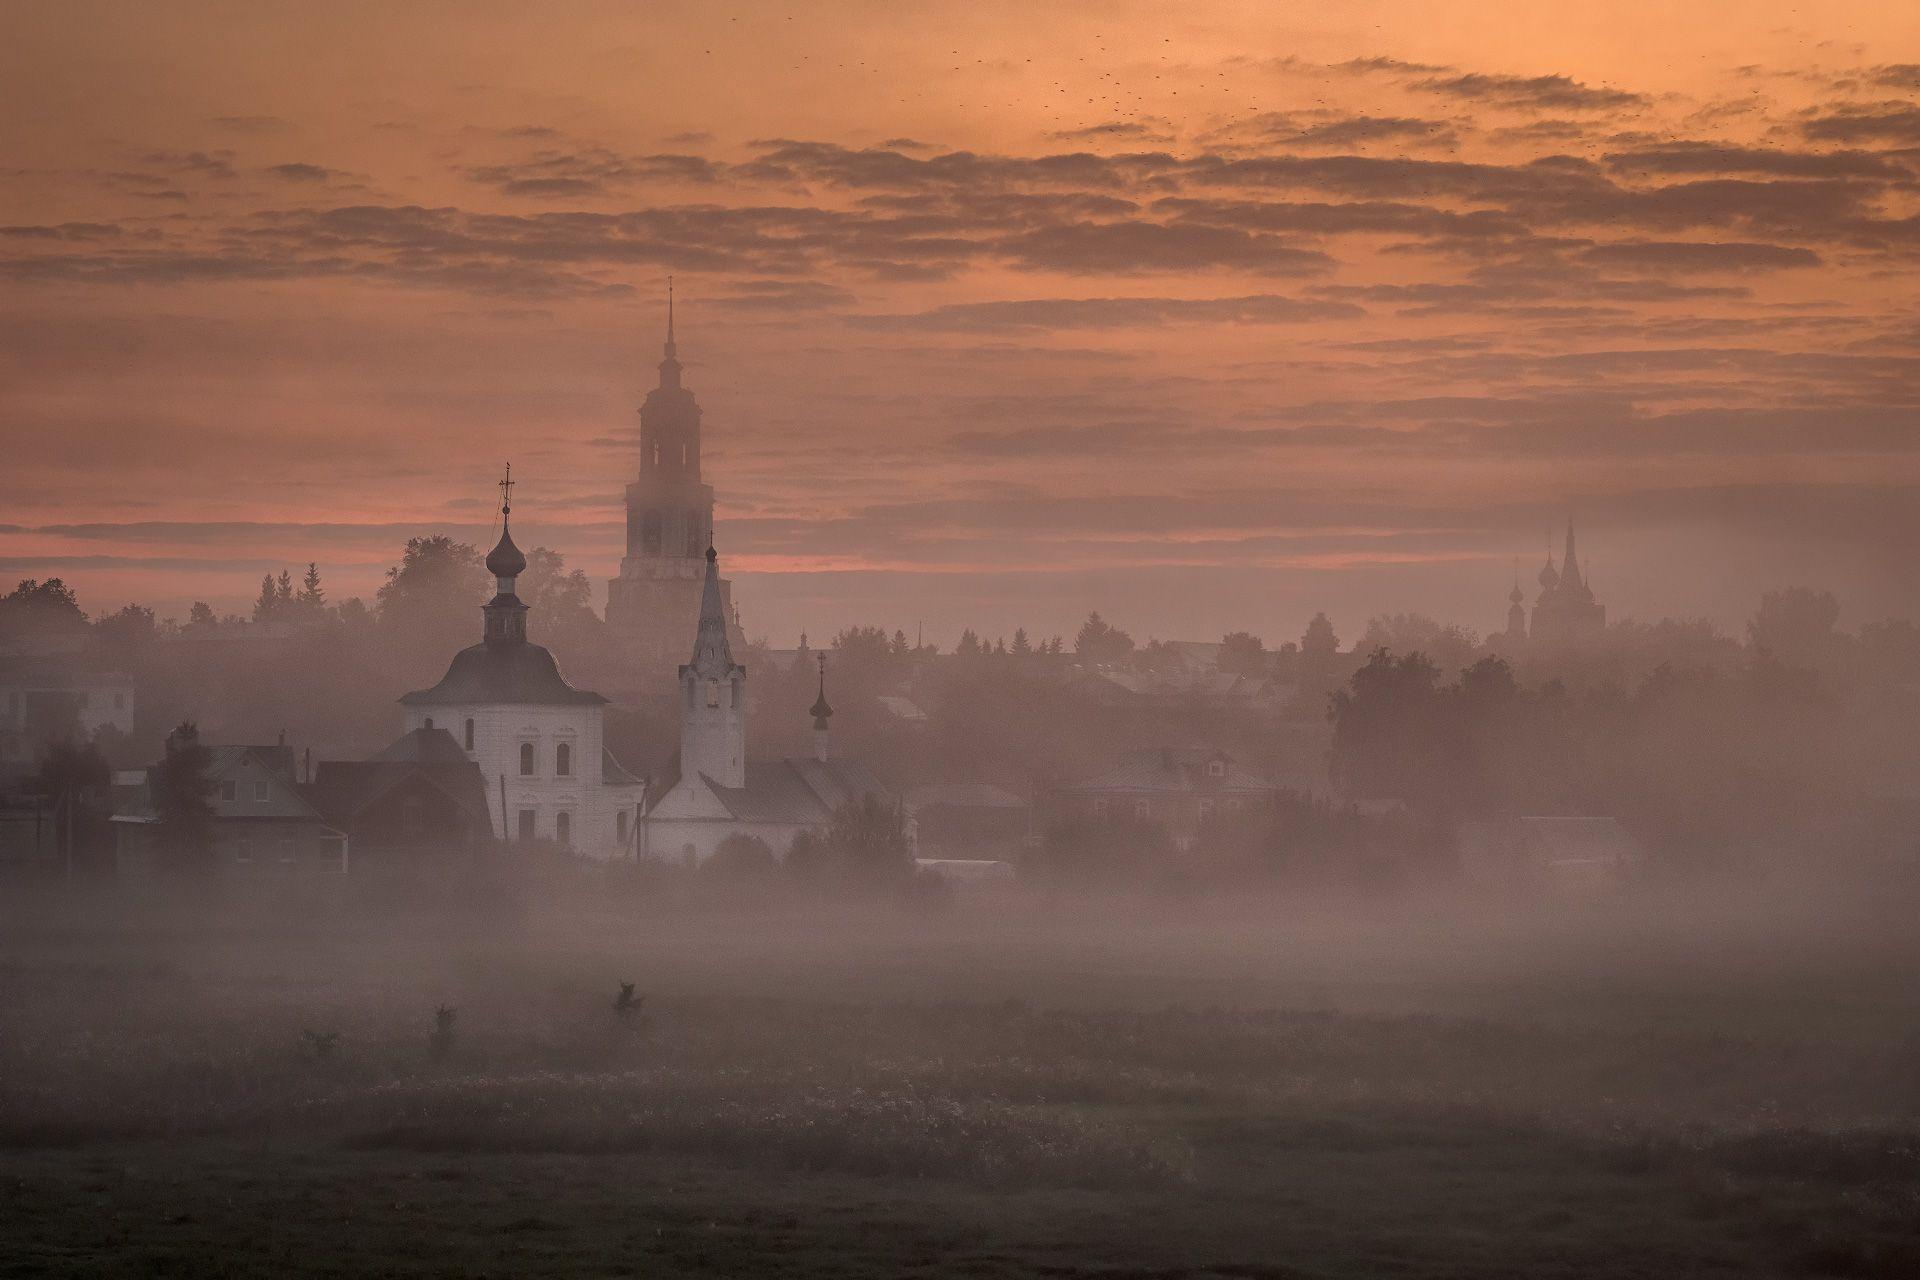 рассвет, полумрак, туман, утро, суздаль, город, церковь, монастырь, небо, пейзаж, Чиж Андрей